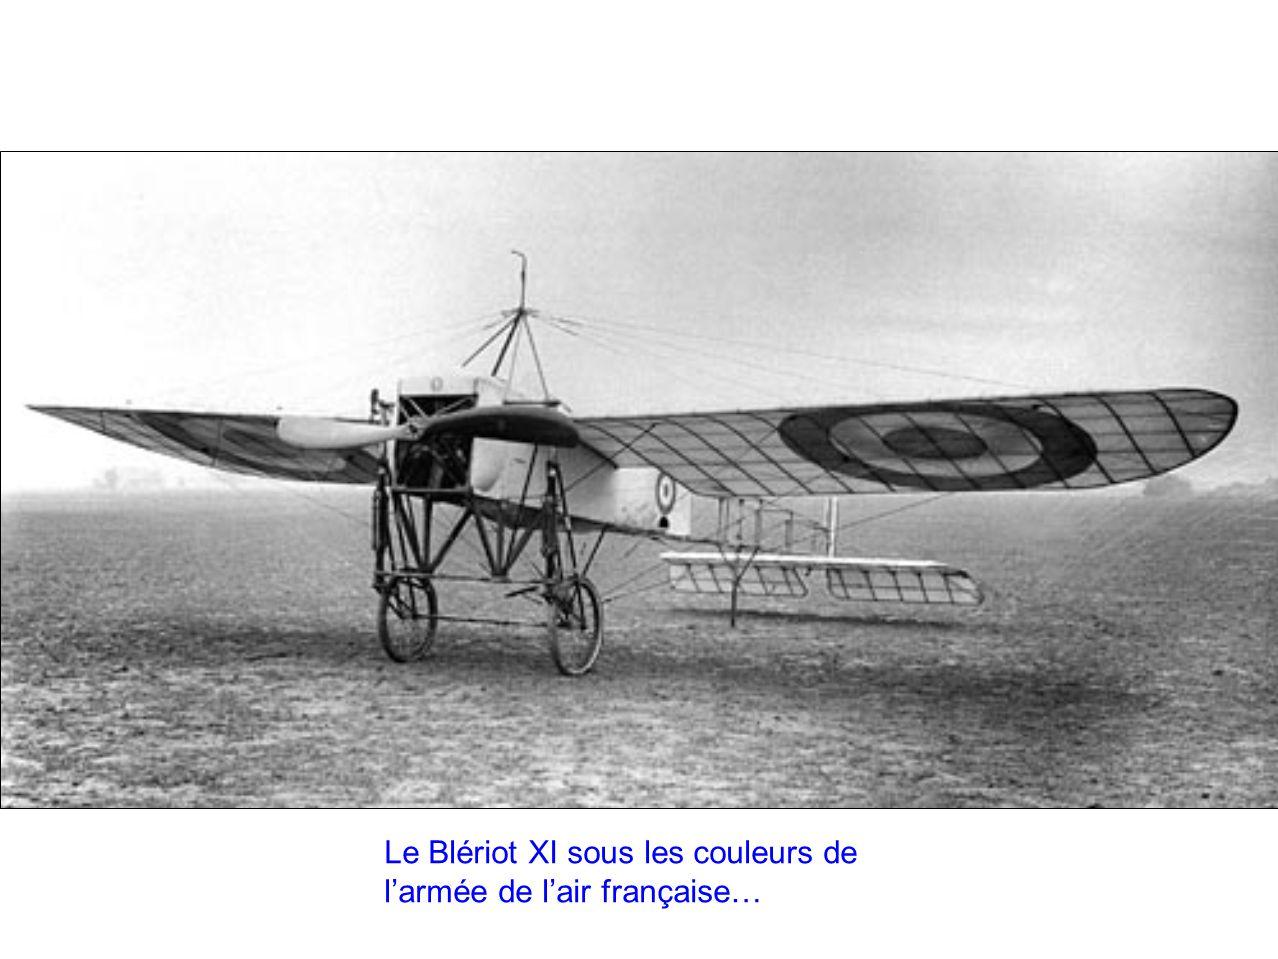 Le Blériot XI sous les couleurs de l'armée de l'air française…